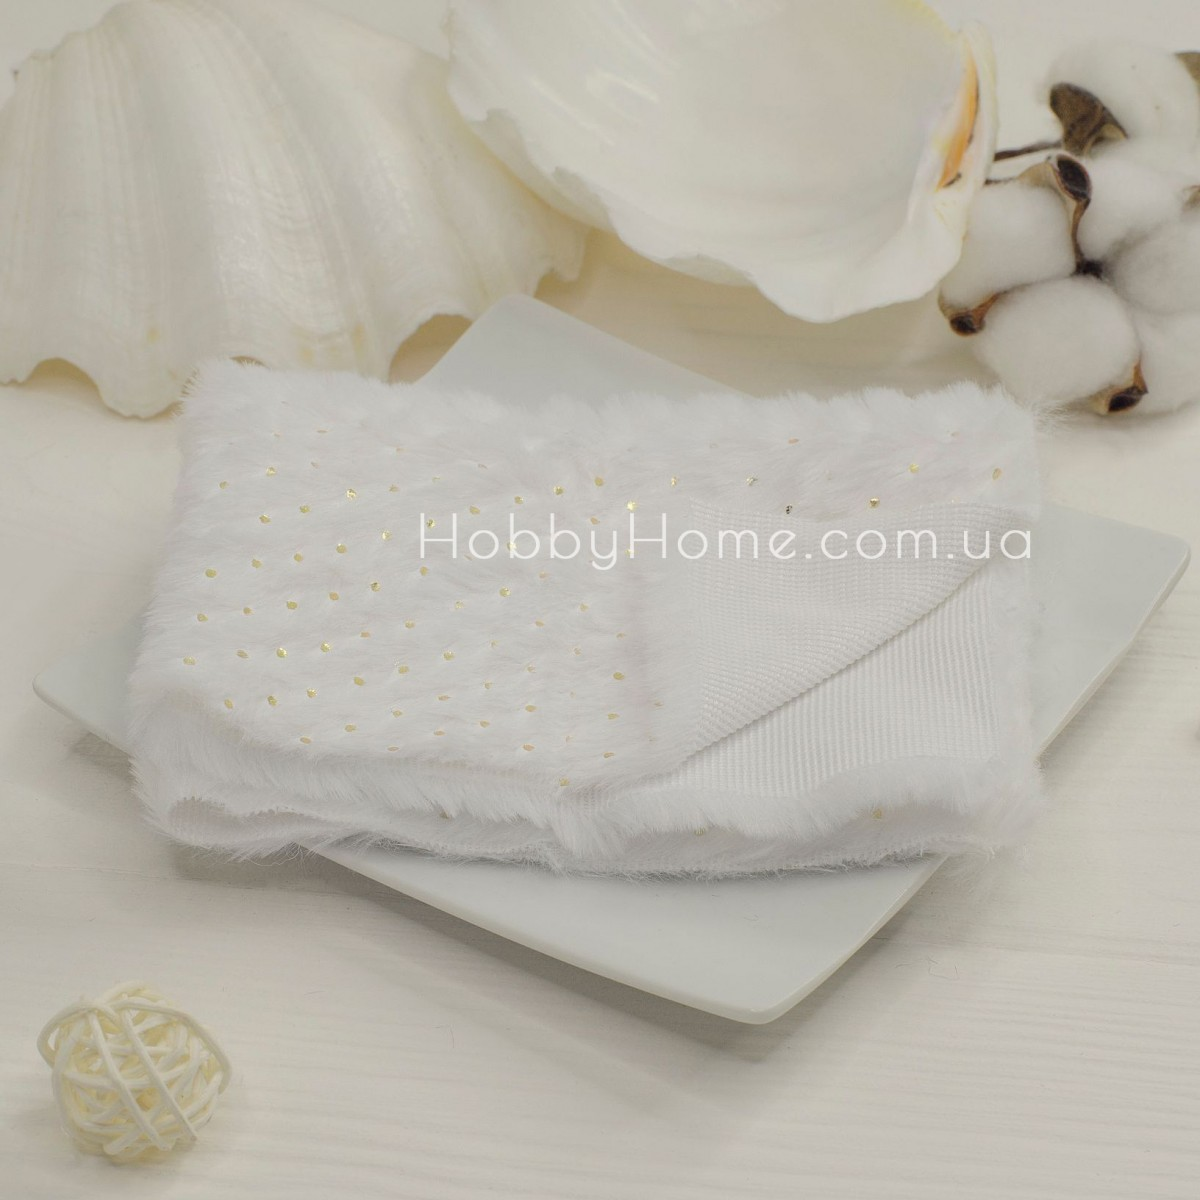 Хутро на тканинній основі золотий горох , білий